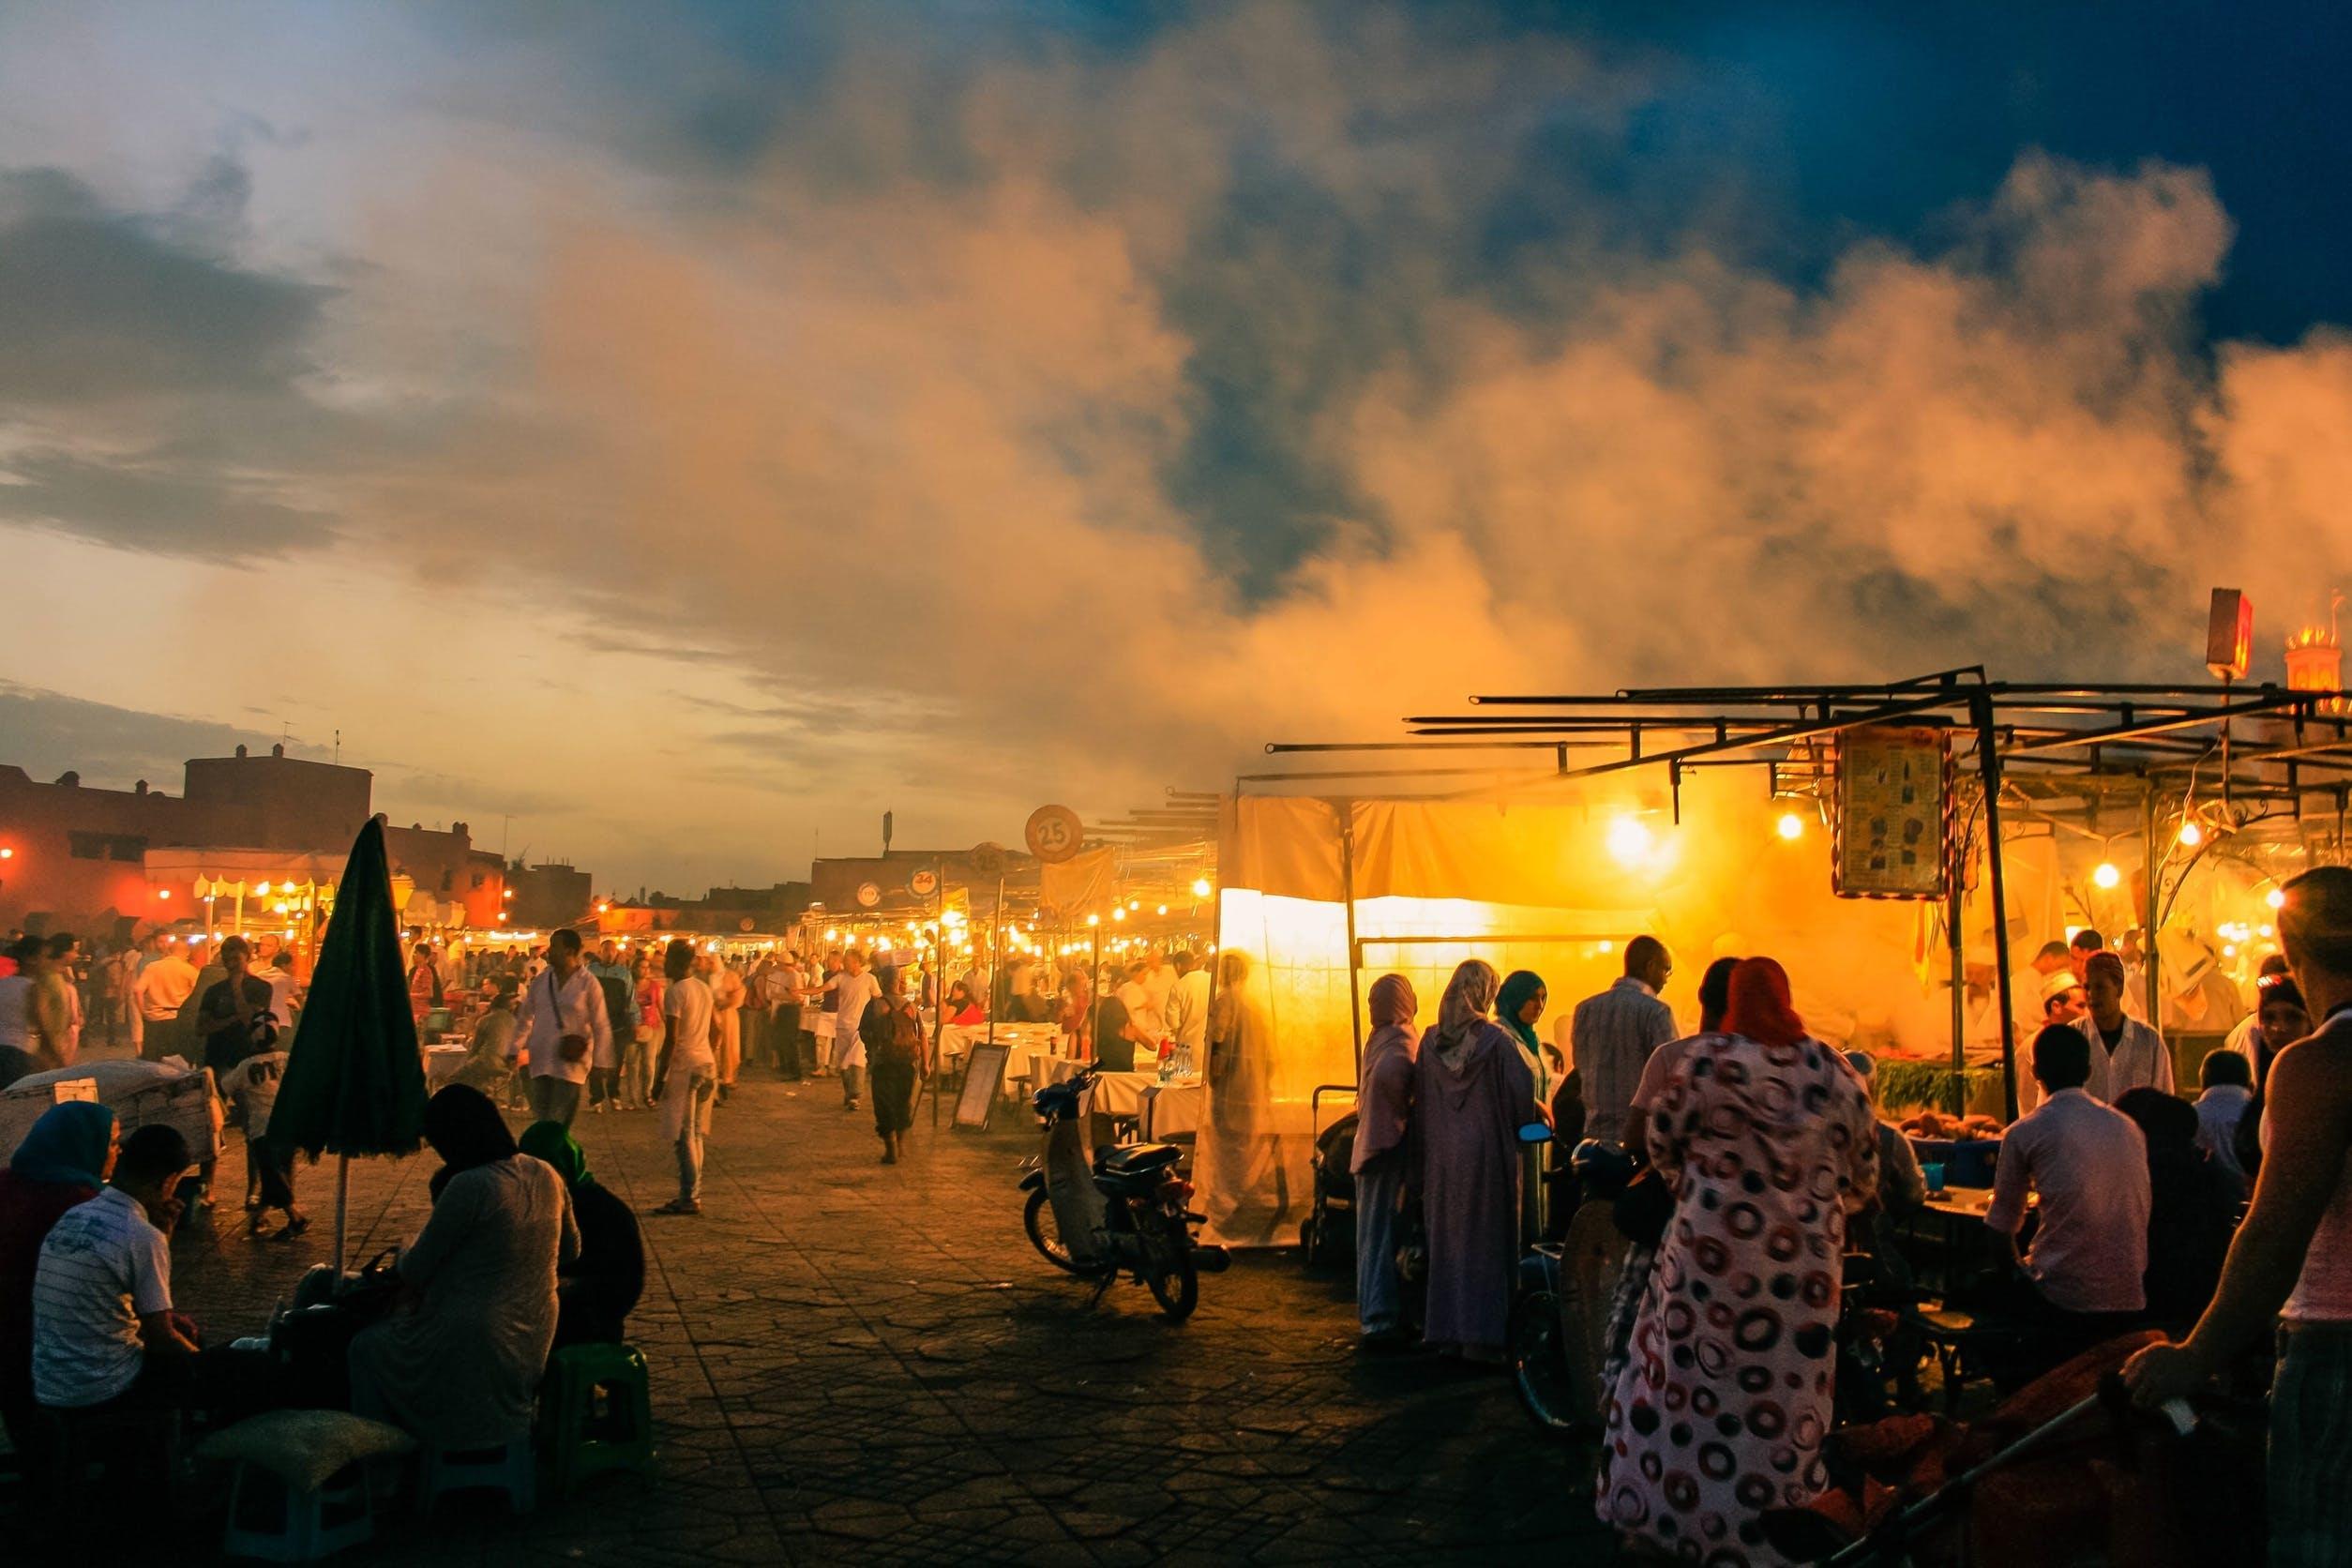 Gratis arkivbilde med festival, folkemengde, gate, lys